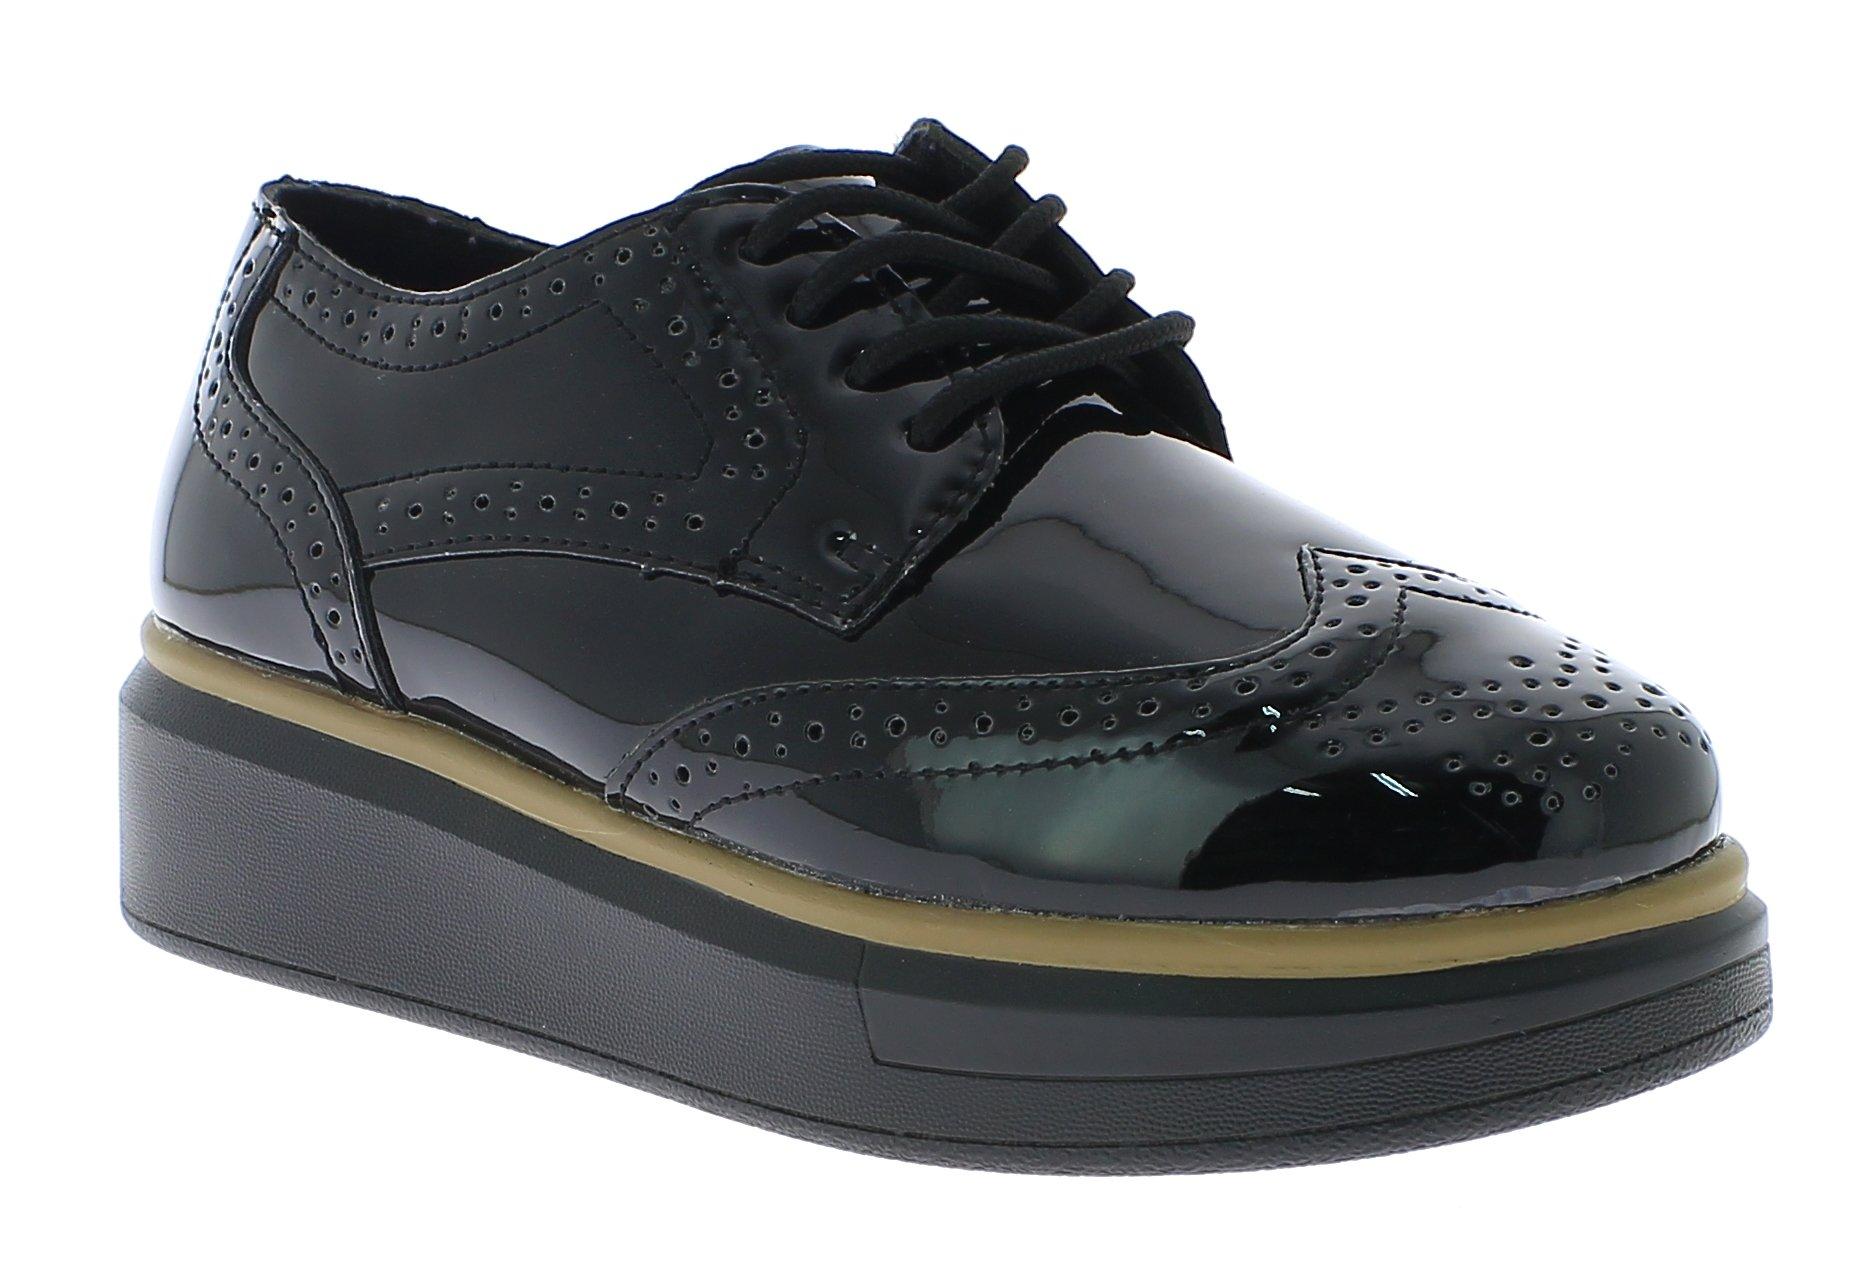 SWEDEN KLE Γυναικείο Casual 564018 Μαύρο - IqShoes - 564018 BLACK-black-38/1/15/ προϊόντα παπούτσια